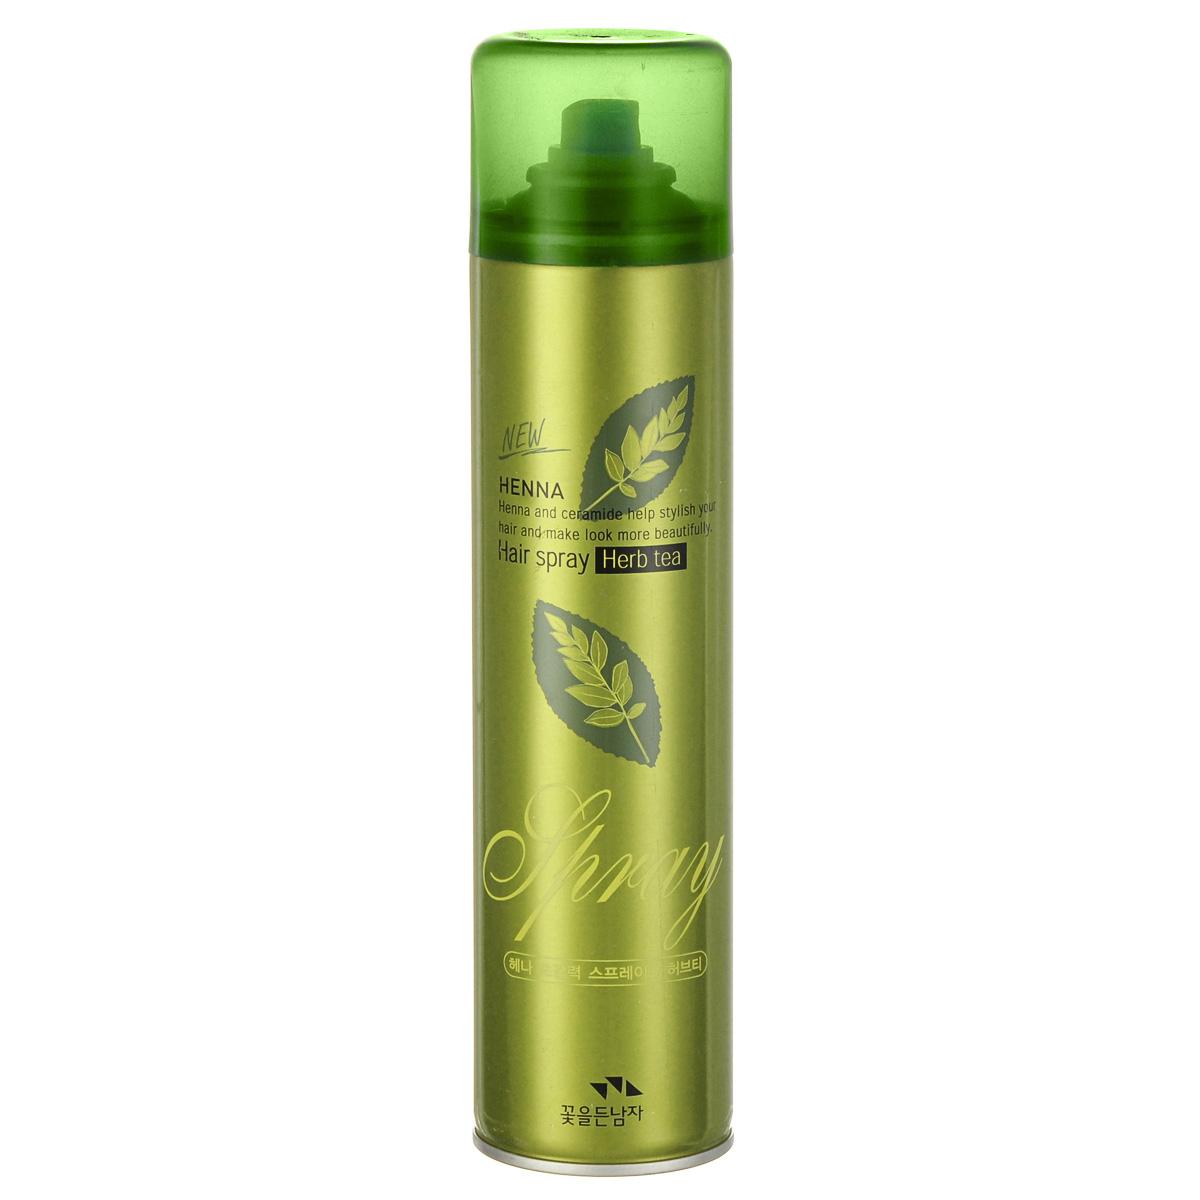 Somang Henna Лак для укладки волос, 300 мл608095Длительная укладка без ощущения липкости при прикосновении. Содержит керамид и гидролизованный кератин.Хна (Henna) используется в медицине и косметологии на протяжении тысяч лет. Под воздействием содержащихся в хне веществ, сжимается и уплотняется кутикула. Бесцветная хна лечит перхоть, укрепляет корни волос, препятствуя их выпадению, и отлично кондиционирует волосы, придавая им густоту и блеск